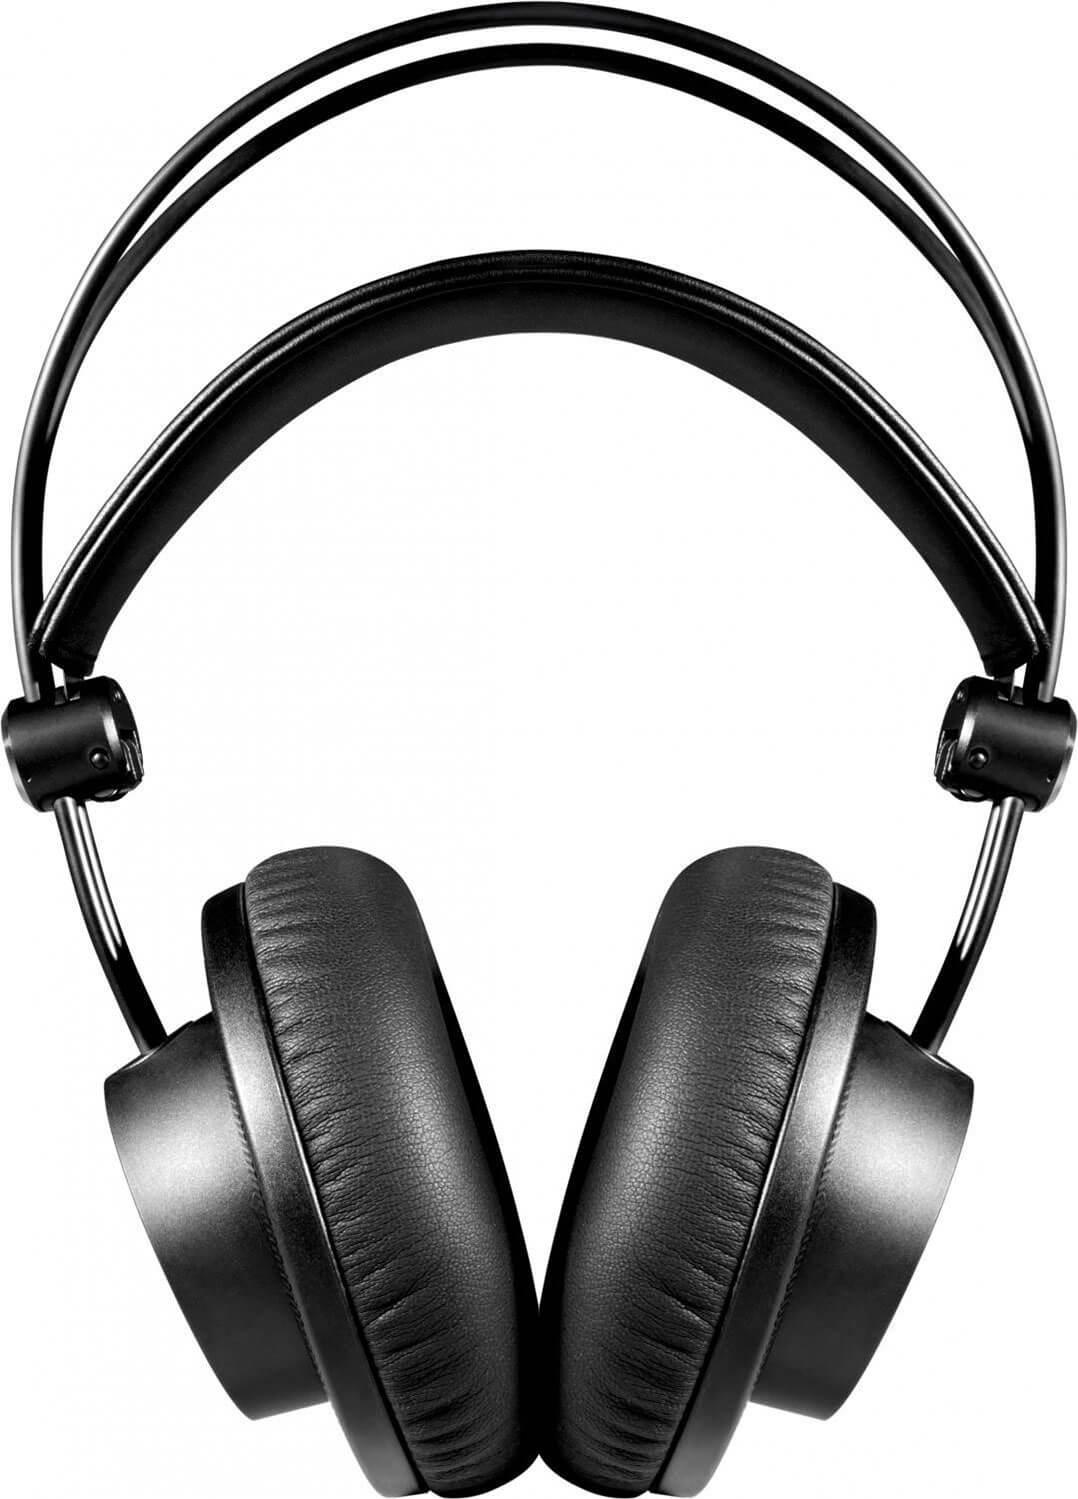 AKG K245 mit der charakteristischen Kopfbandtechnik